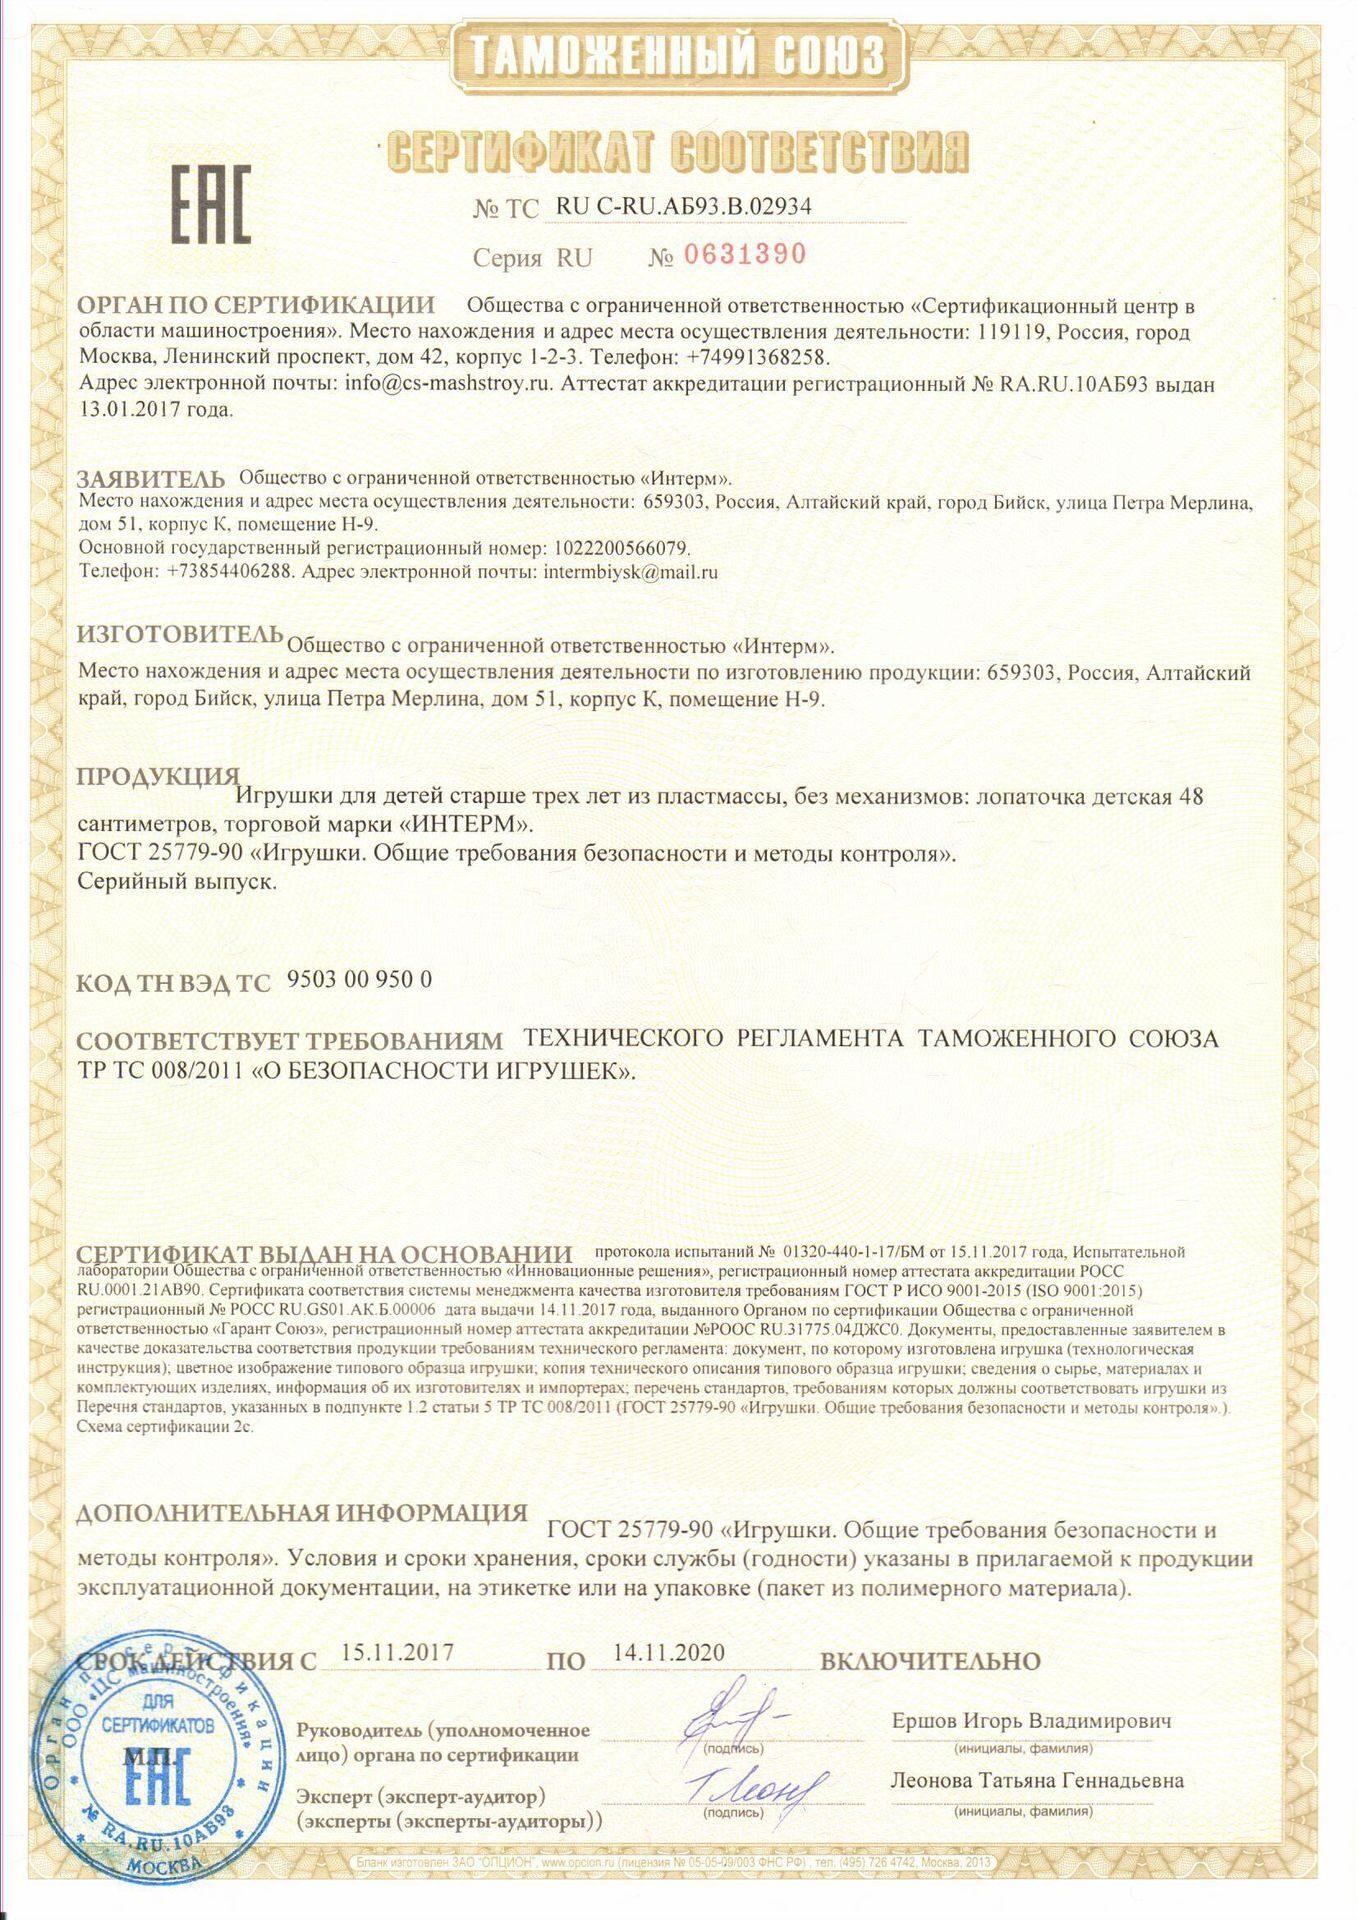 Схемы подтверждения соответствия при сертификации продукции и их применение